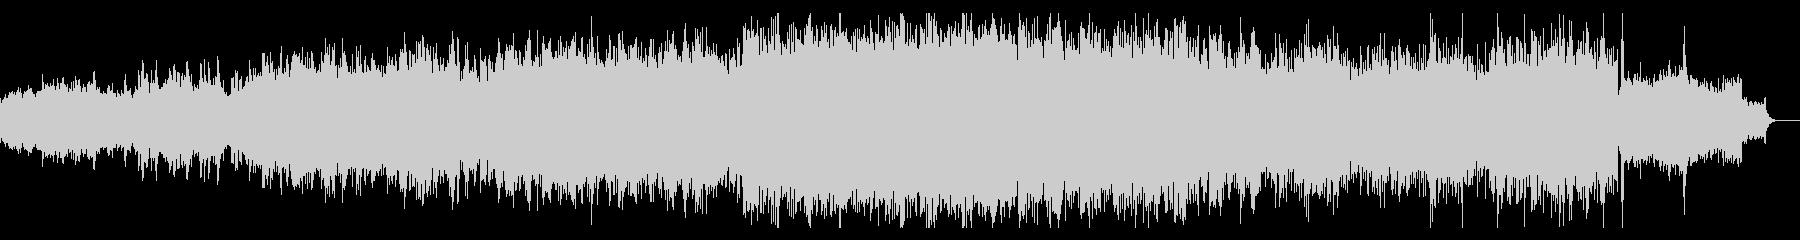 ディープでグリッジなシンセアンビエントの未再生の波形